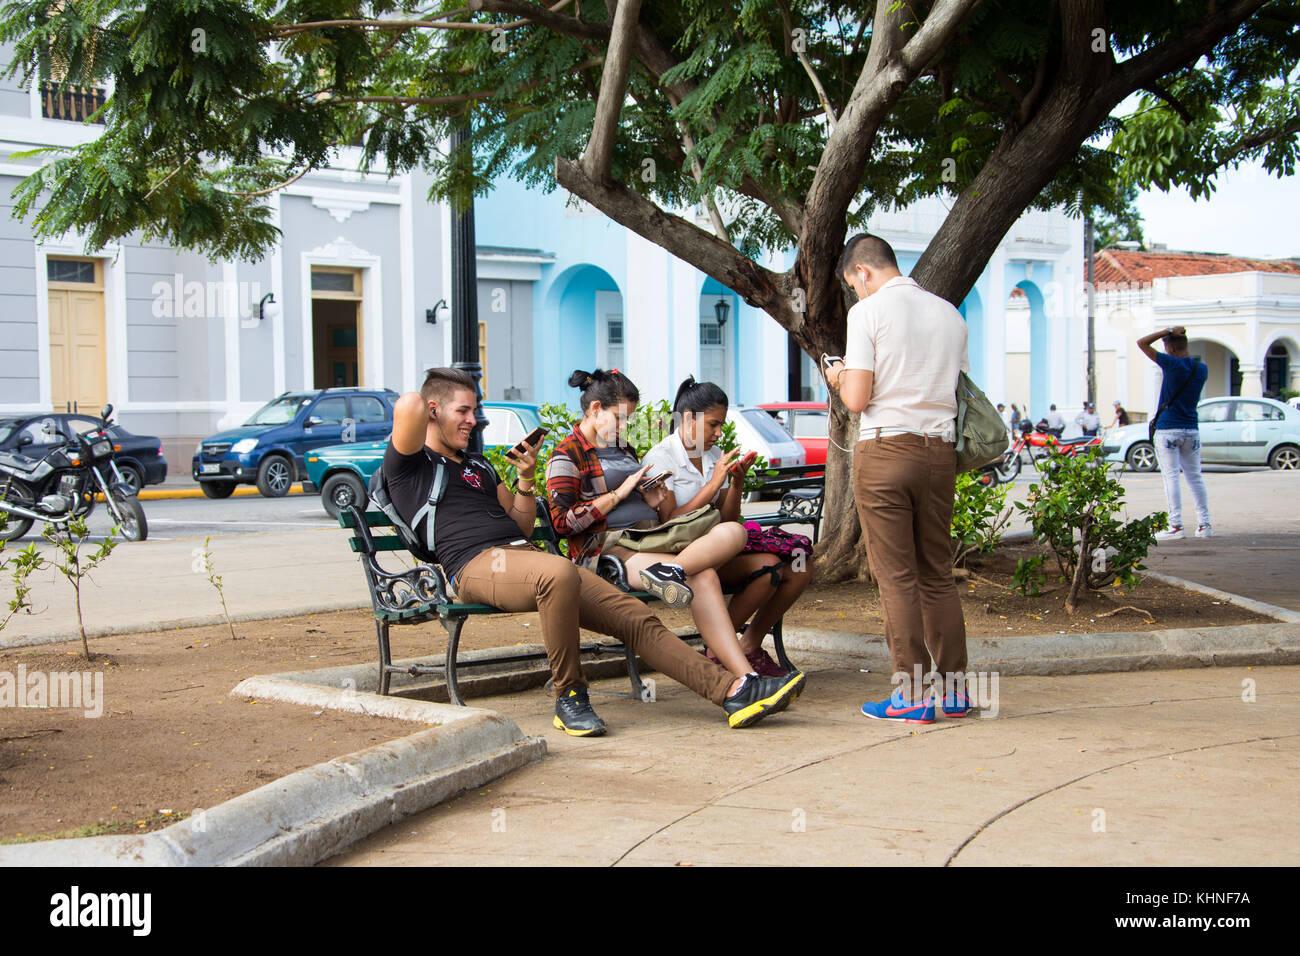 Con acceso a internet wifi en Cienfuegos, Cuba Imagen De Stock